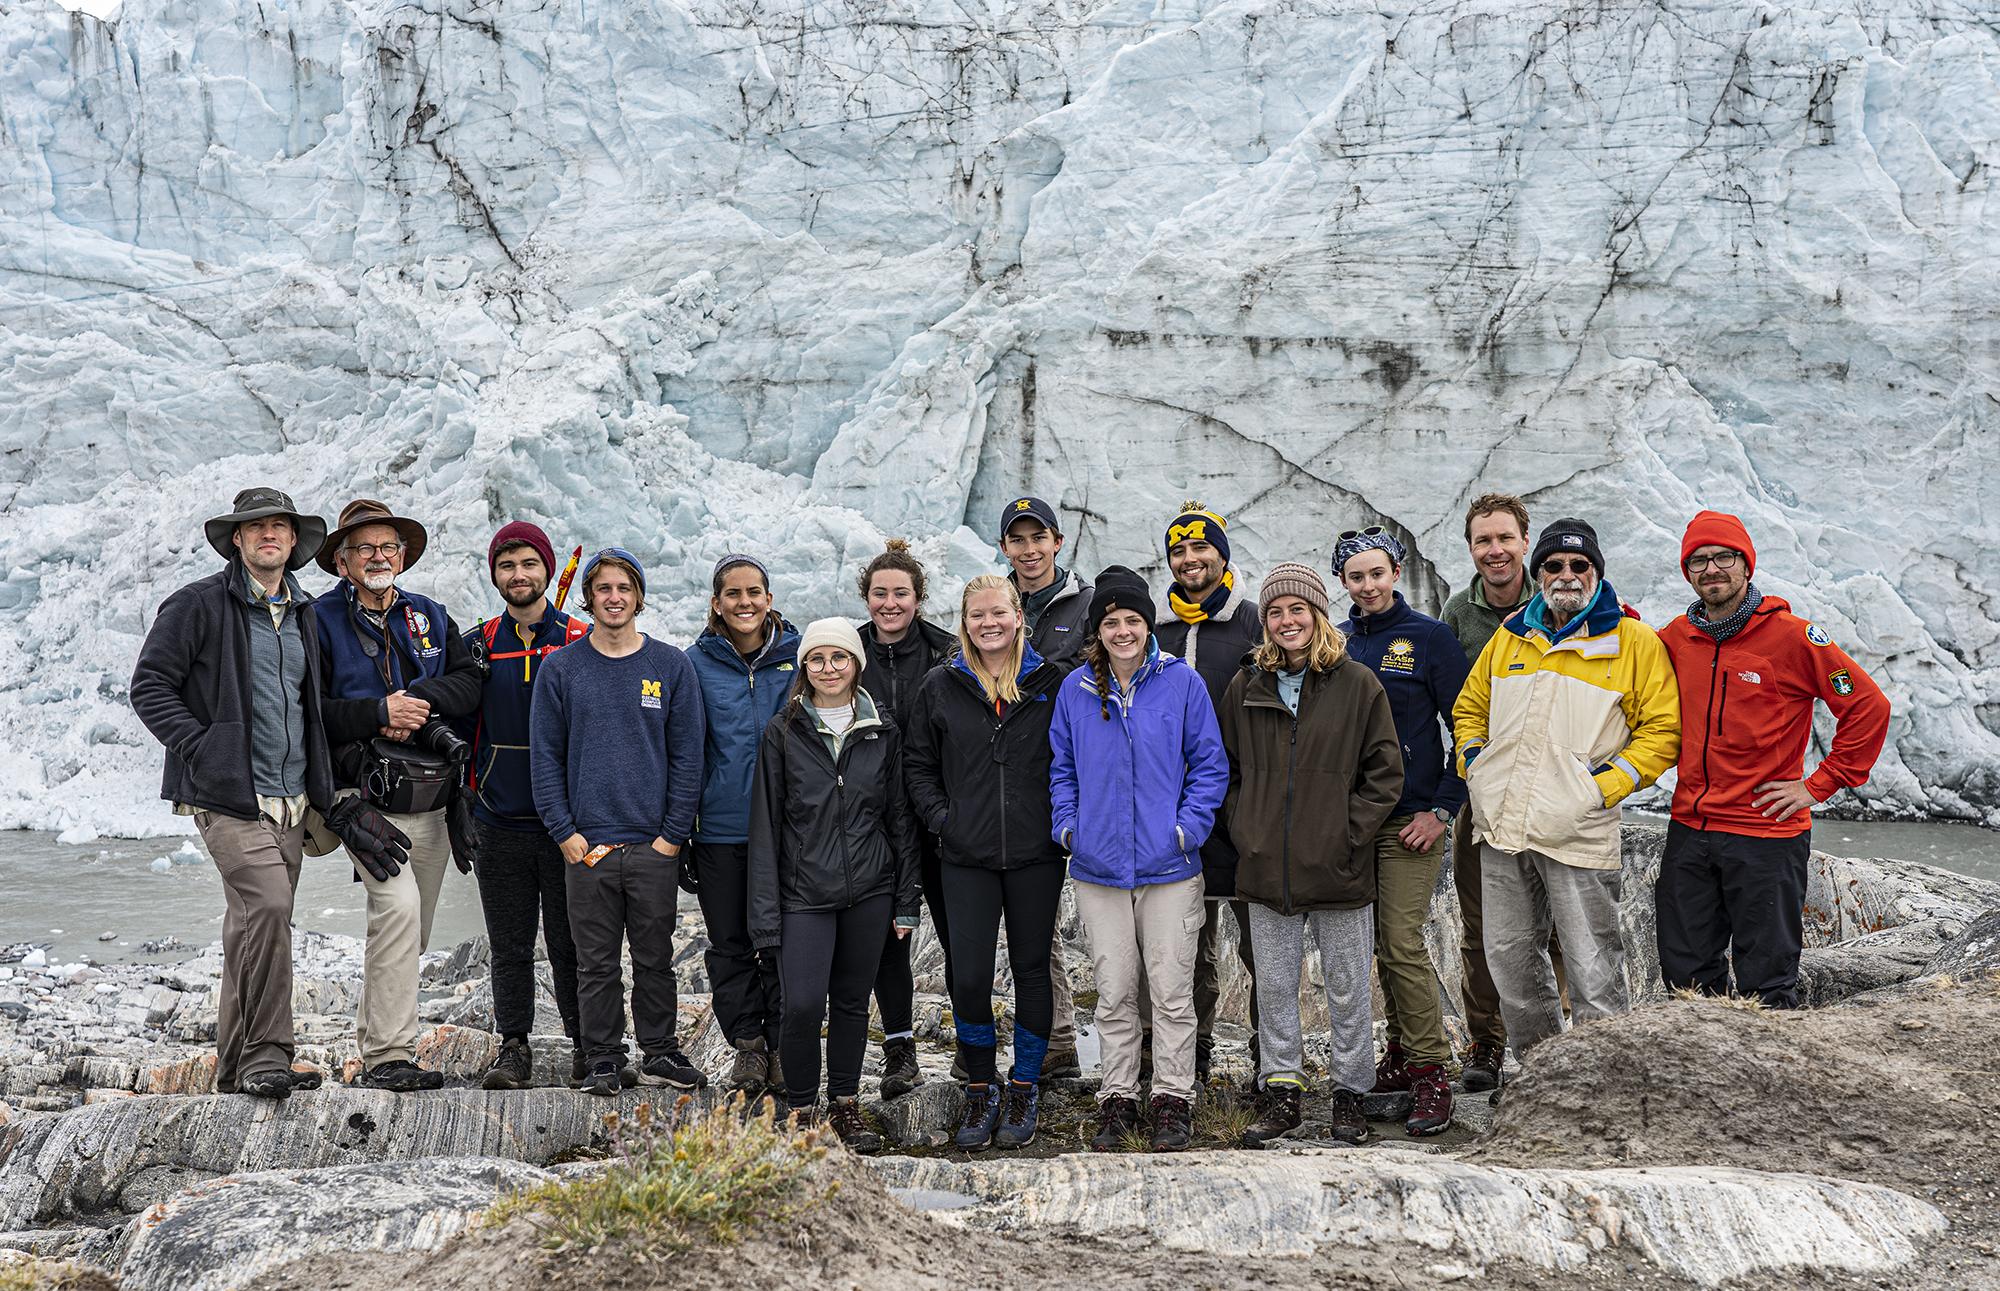 L'enseignement met le changement climatique en perspective et encourage la participation des citoyens